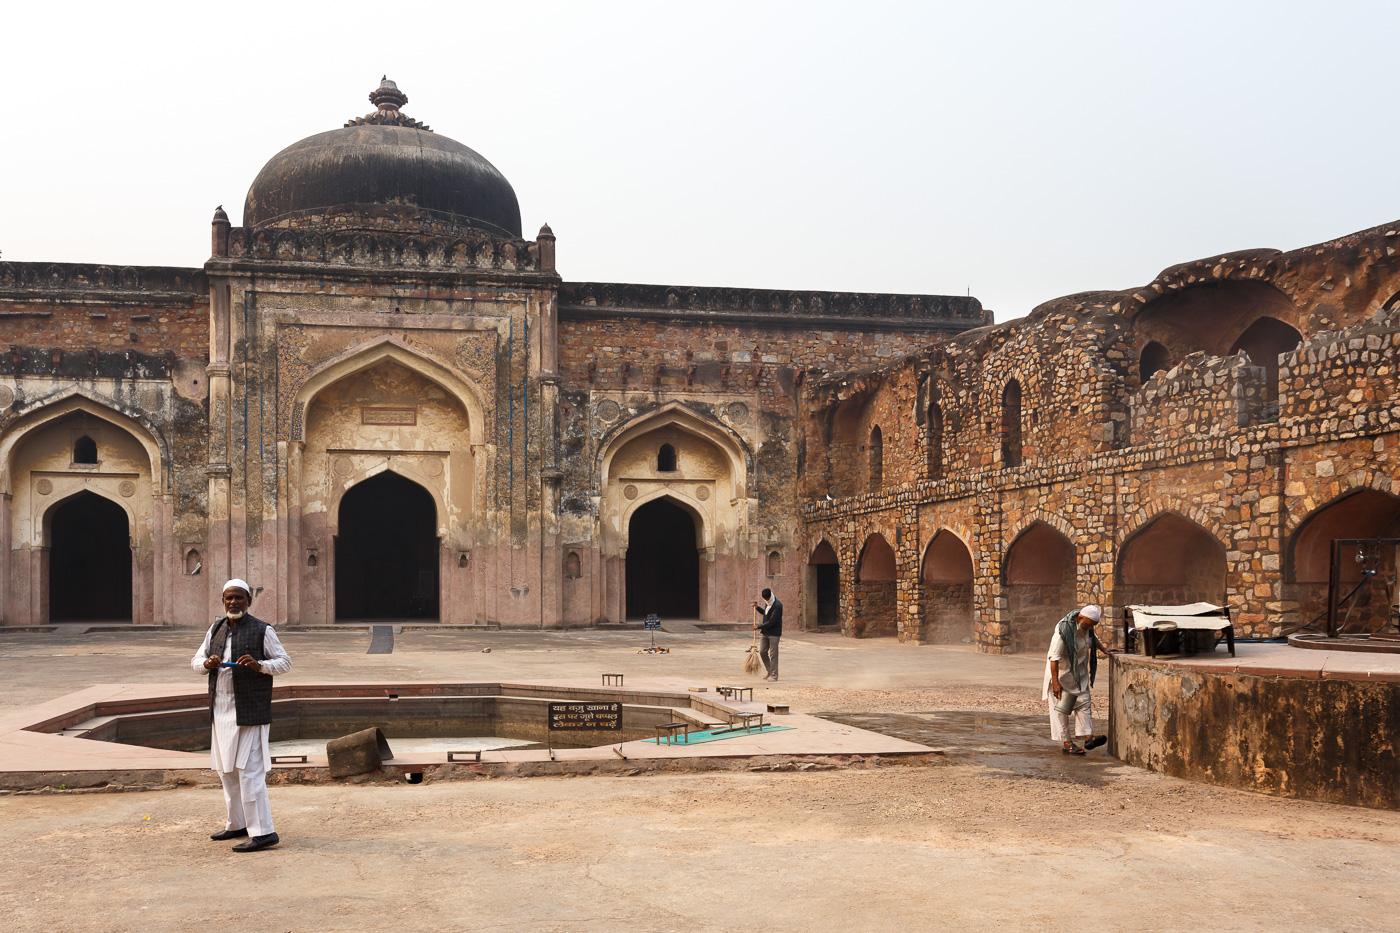 Фото 4. Мечеть Хайрул Маназил (Khairul Manazil). Что необычного можно увидеть в Дели. Отчет о самостоятельном путешествии в Индию.